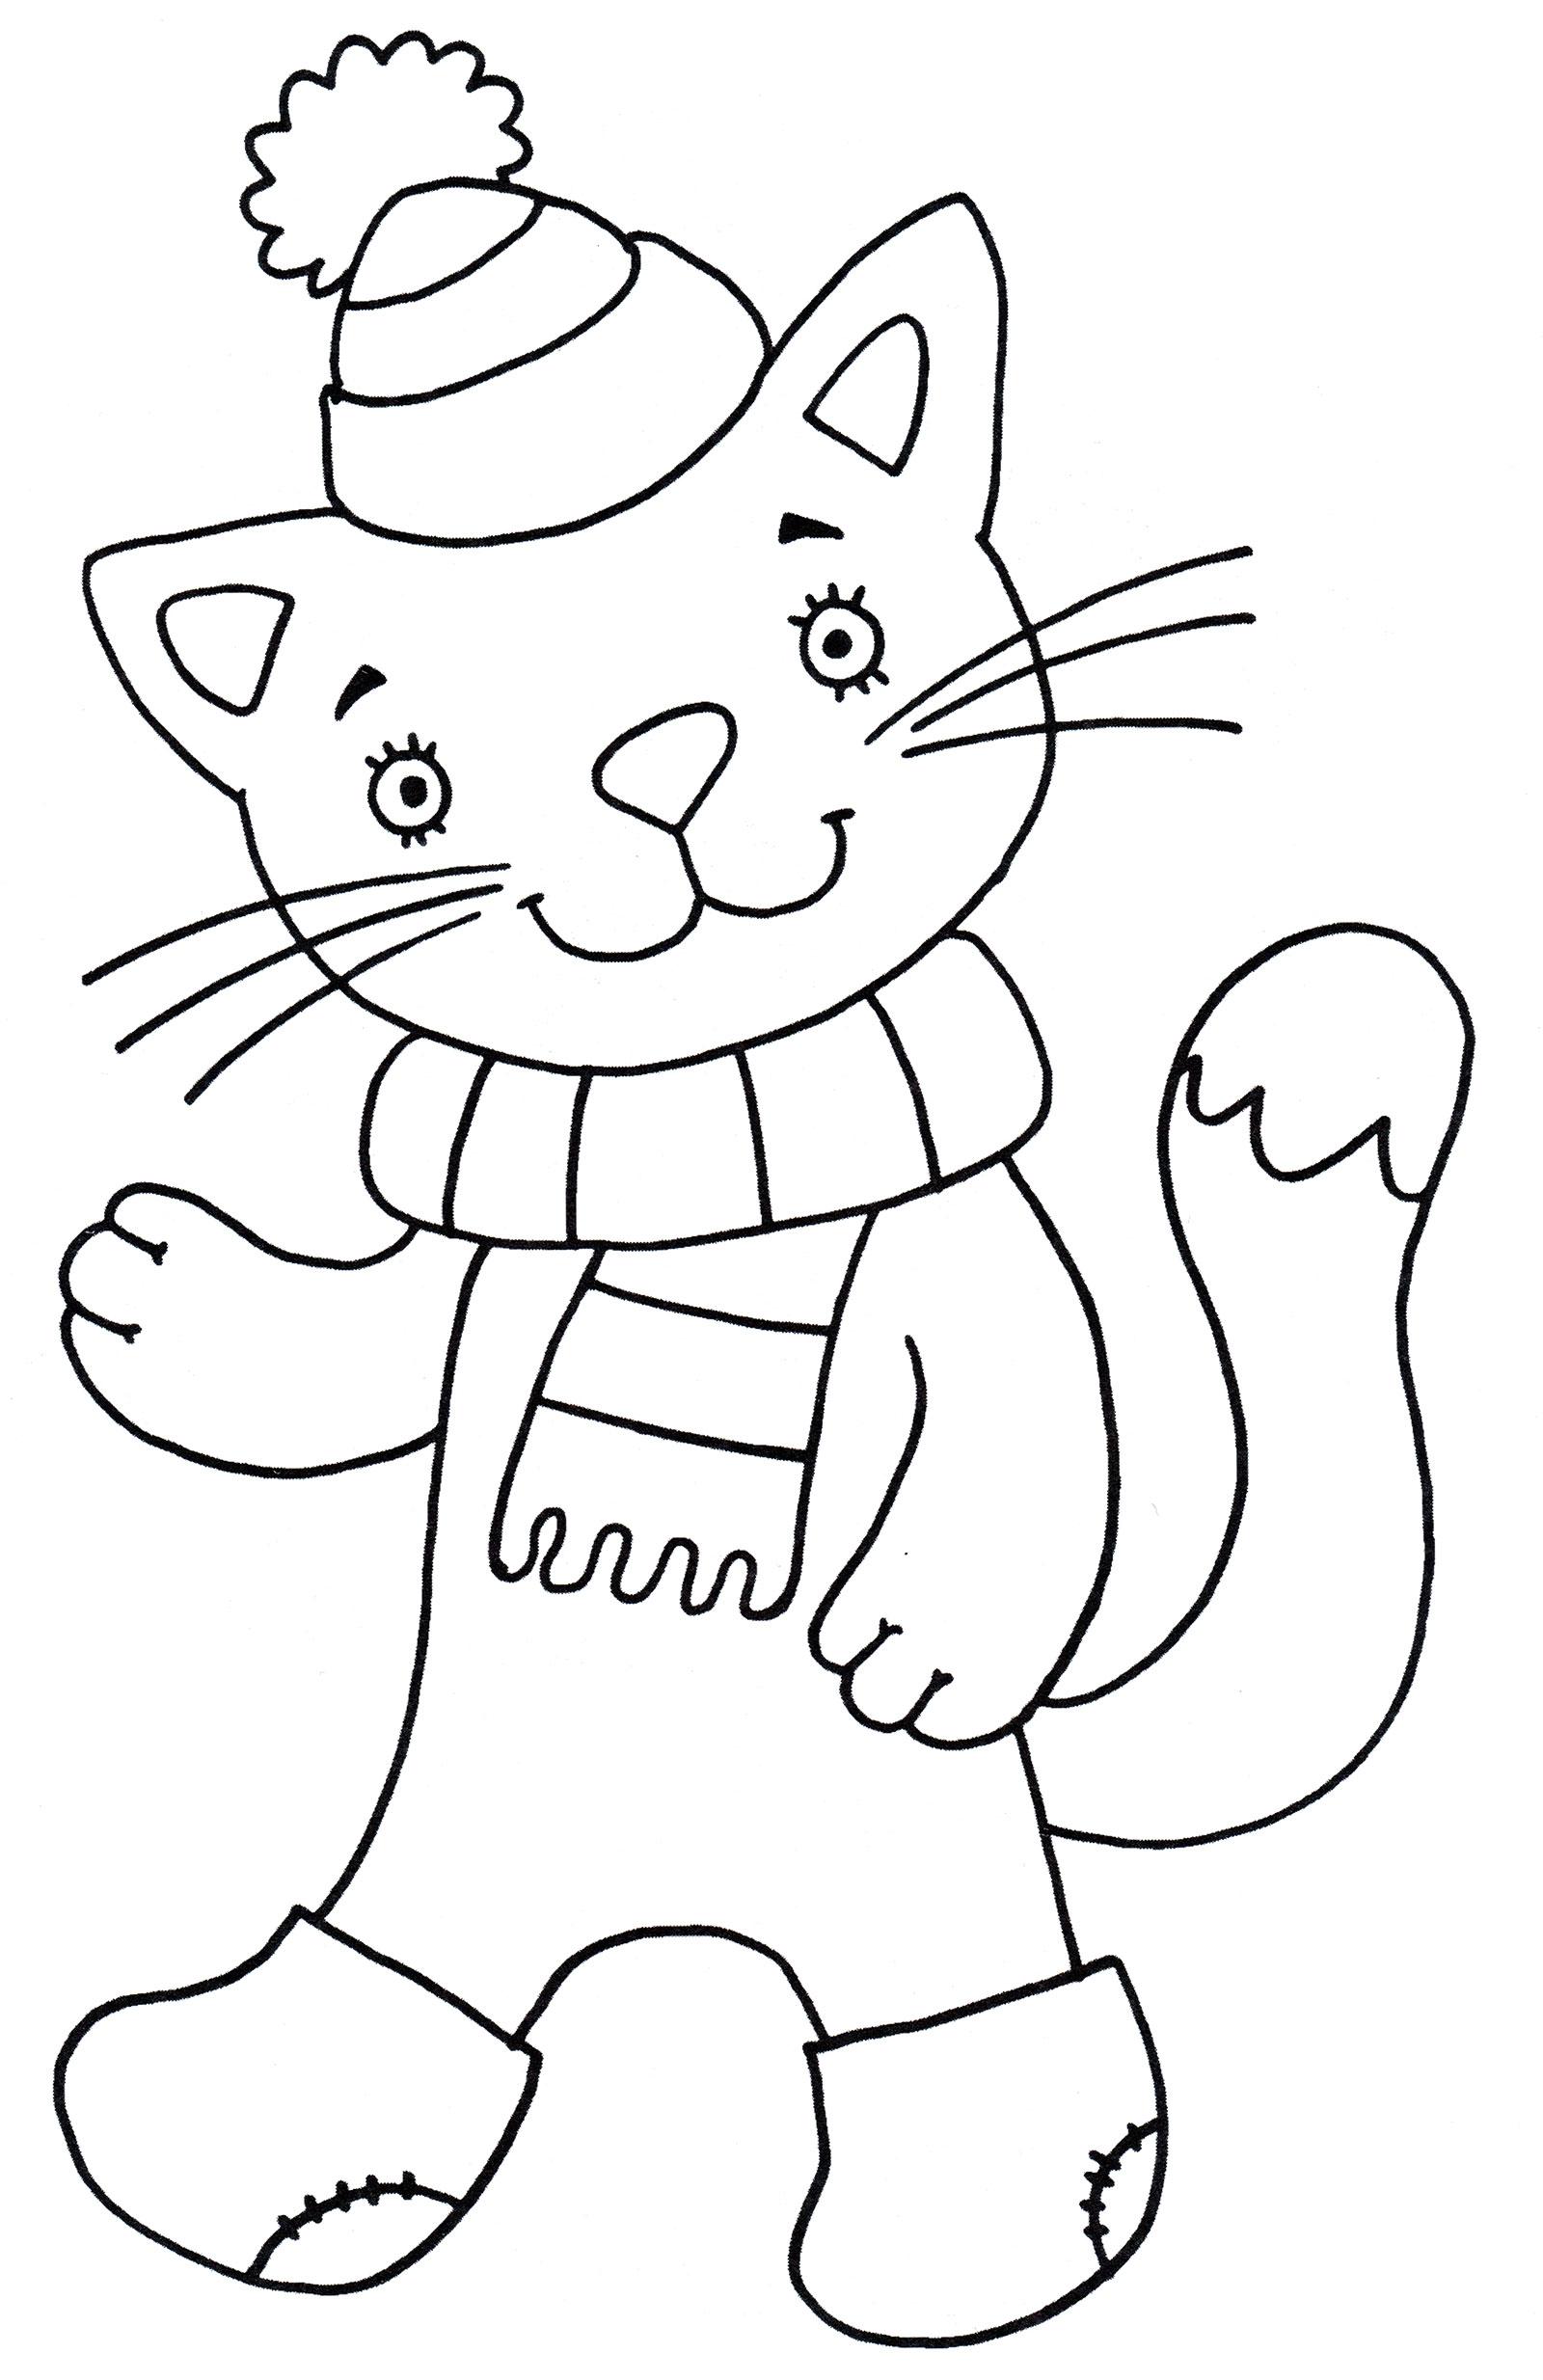 Раскраска Котик в шапке - распечатать бесплатно